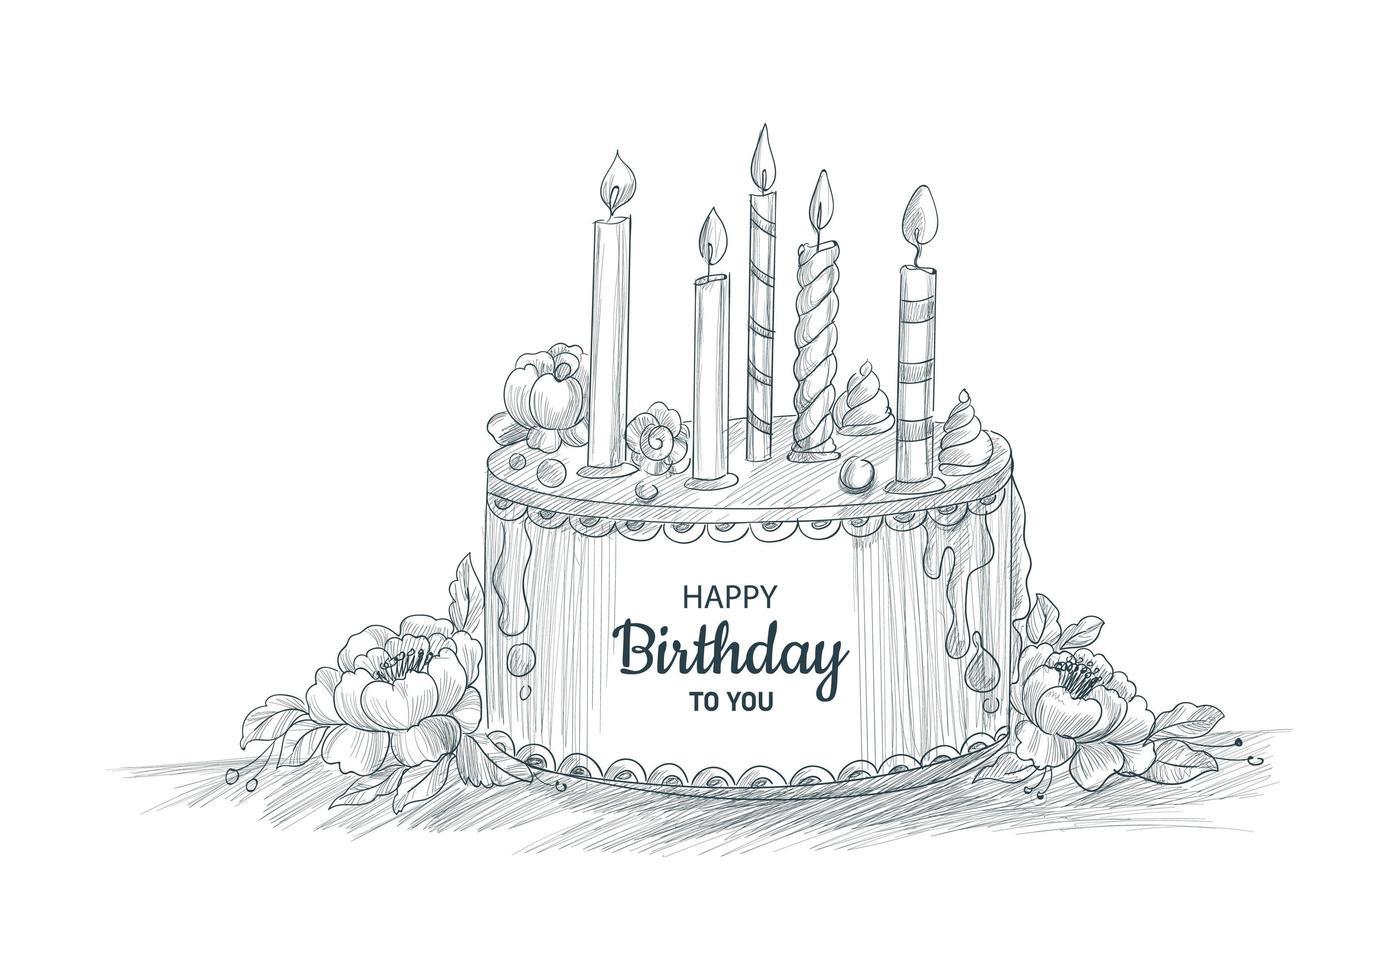 buon compleanno torta decorativa con candele schizzo design vettore